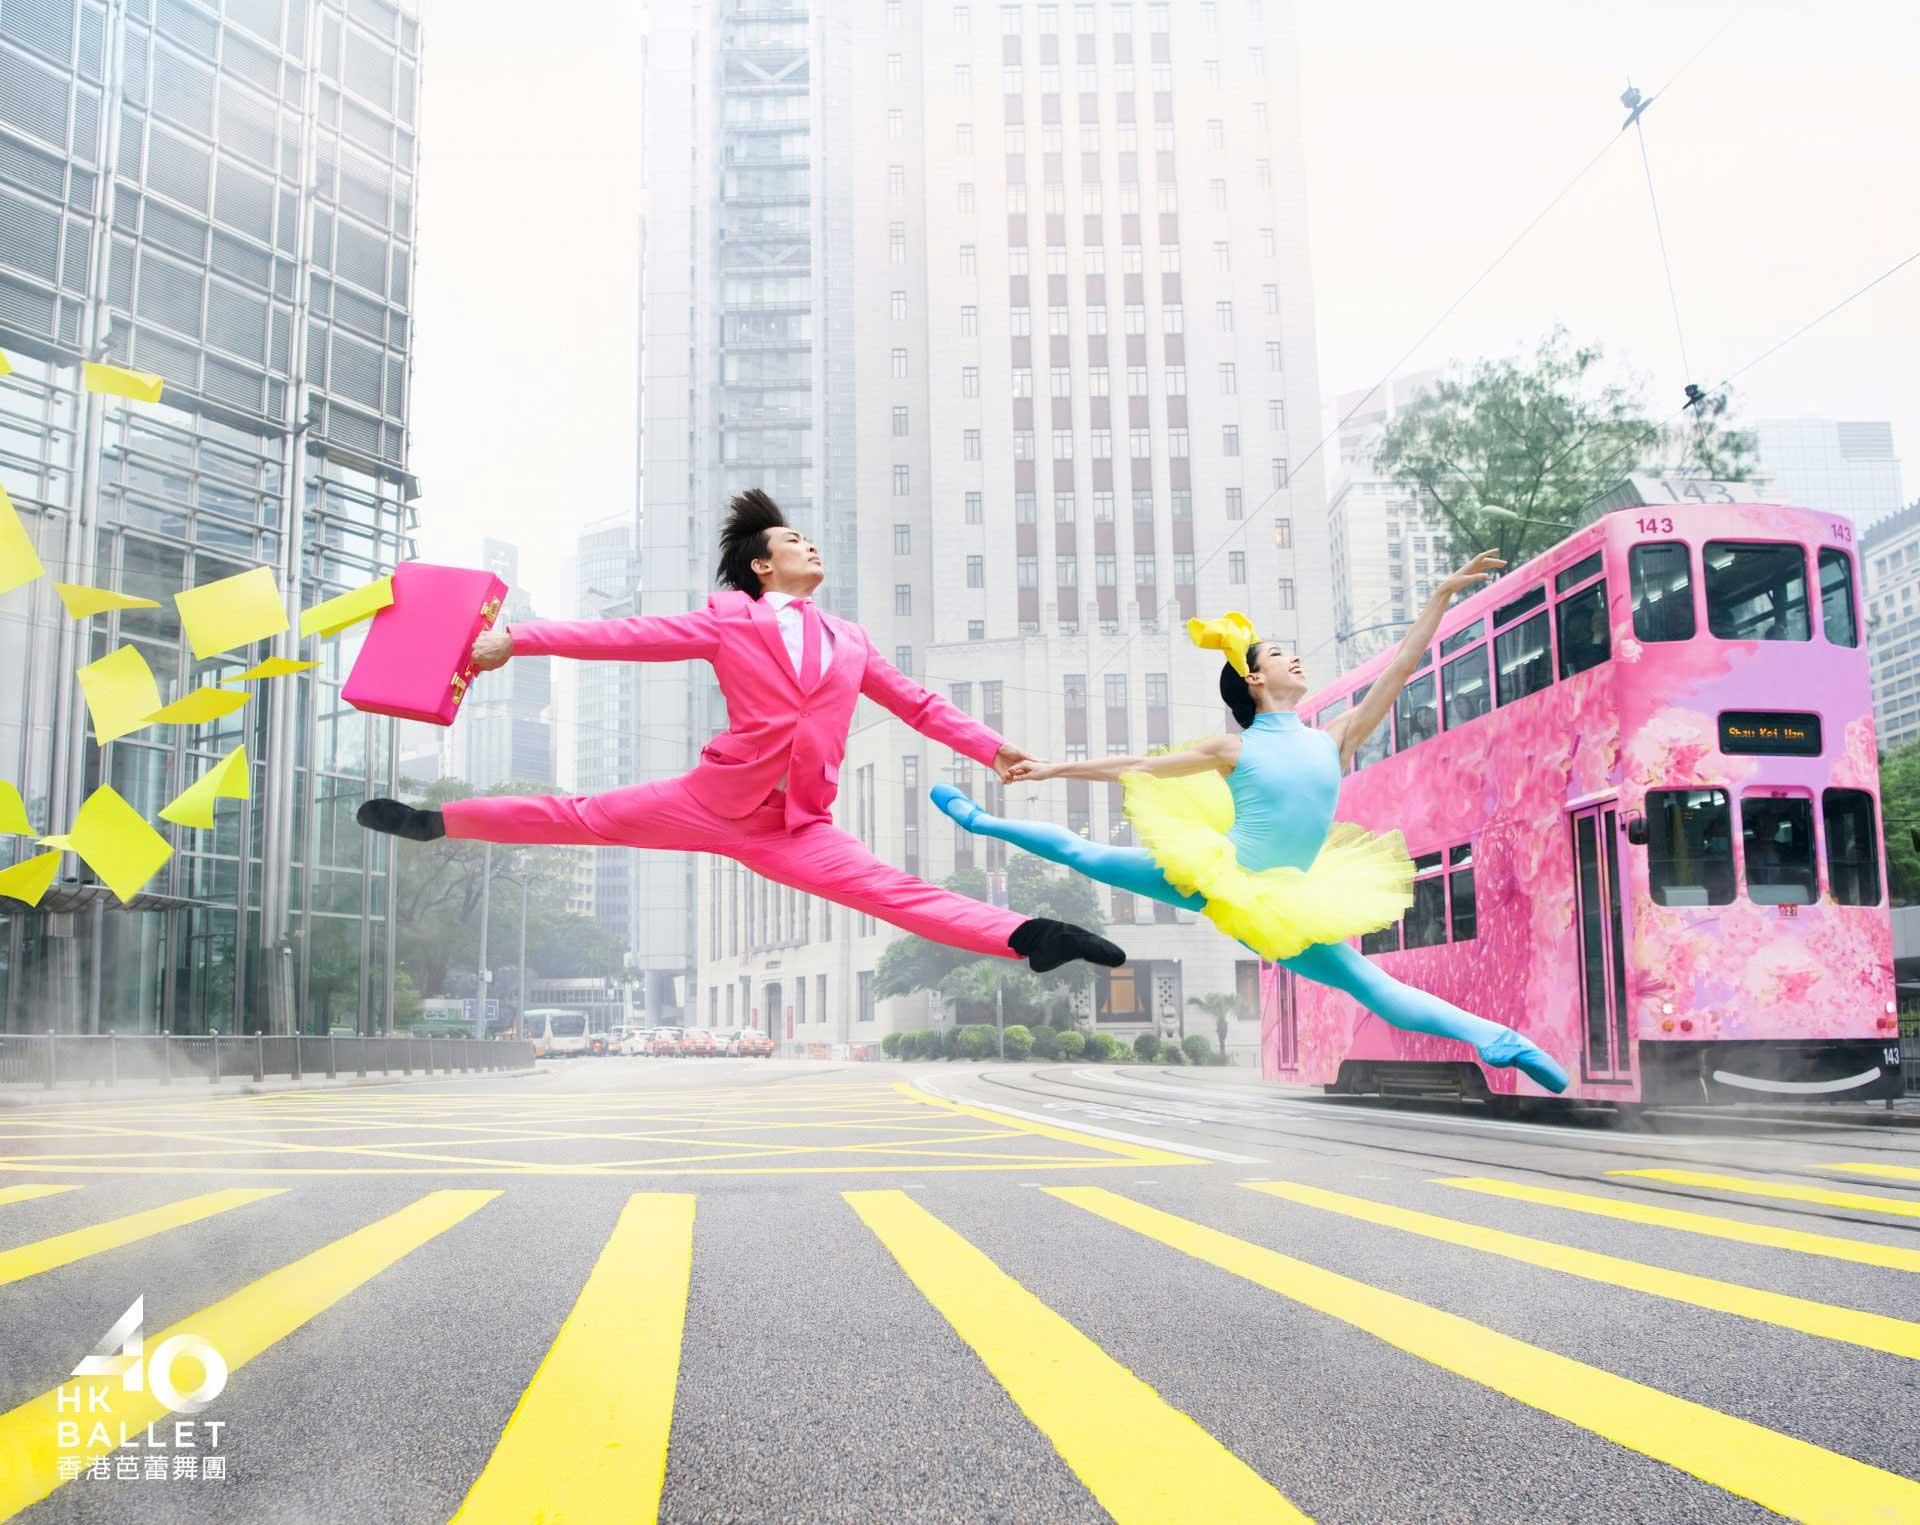 Cooles Video zu 40 Jahren Hong Kong Ballett 40-jahre-hong-kong-ballett_06